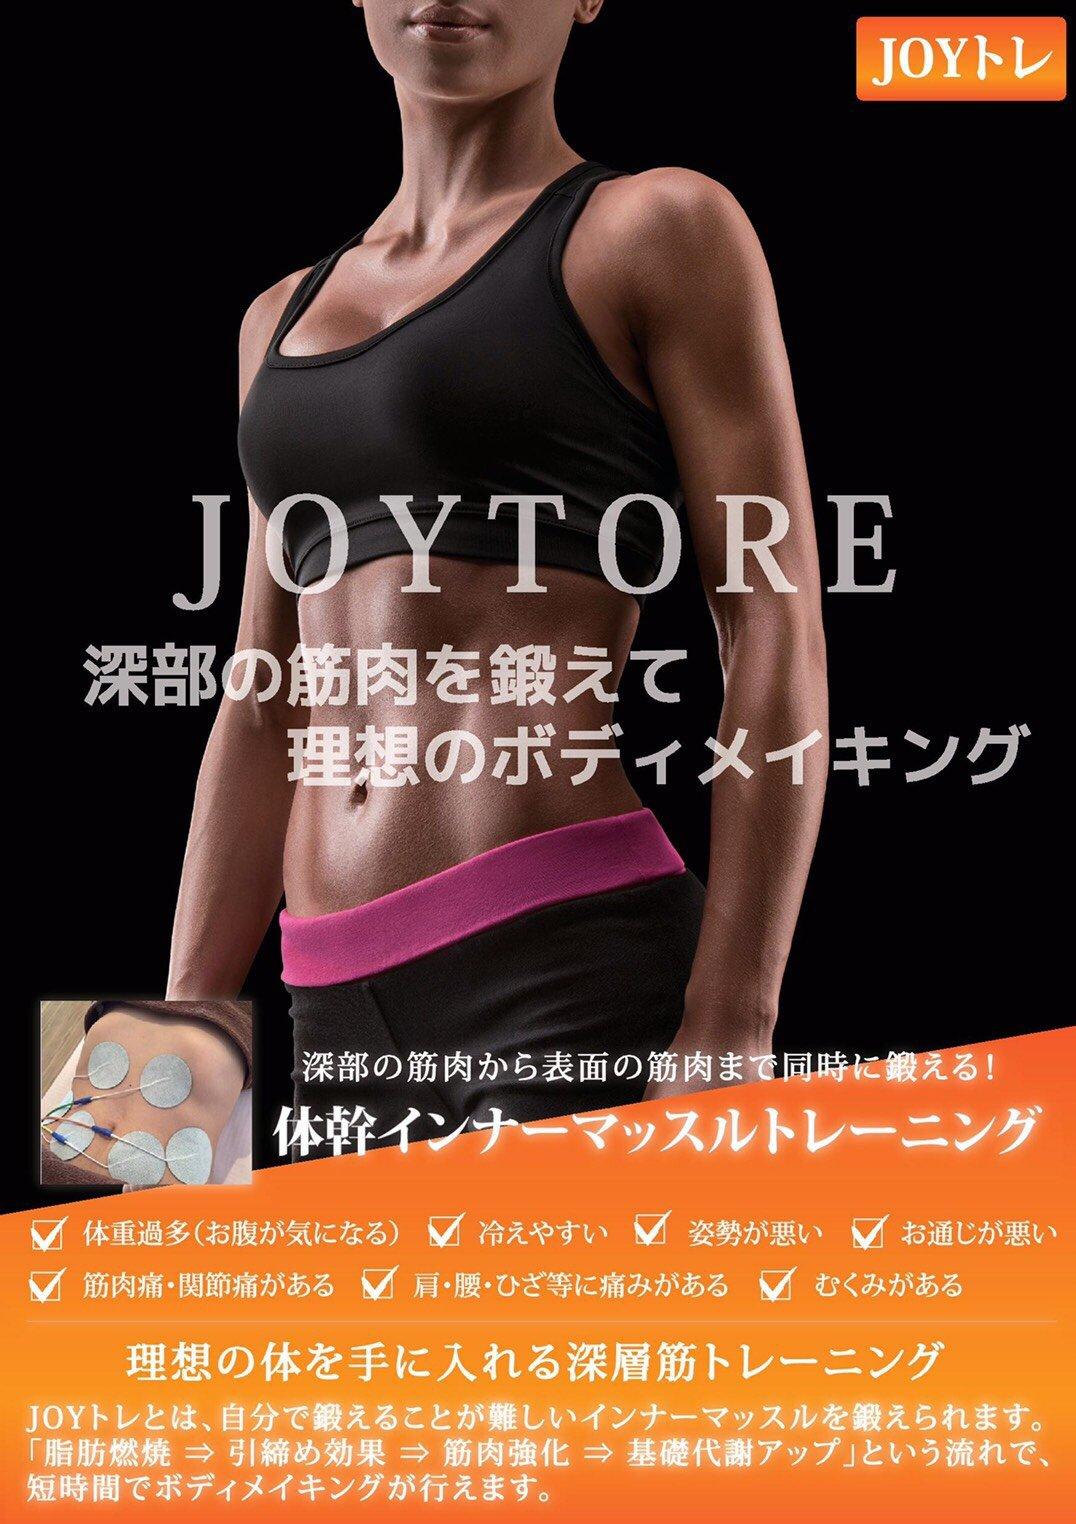 □■現地払い専用■□【JOYトレ】本コース1か月 メルマガクーポン使用のイメージその3